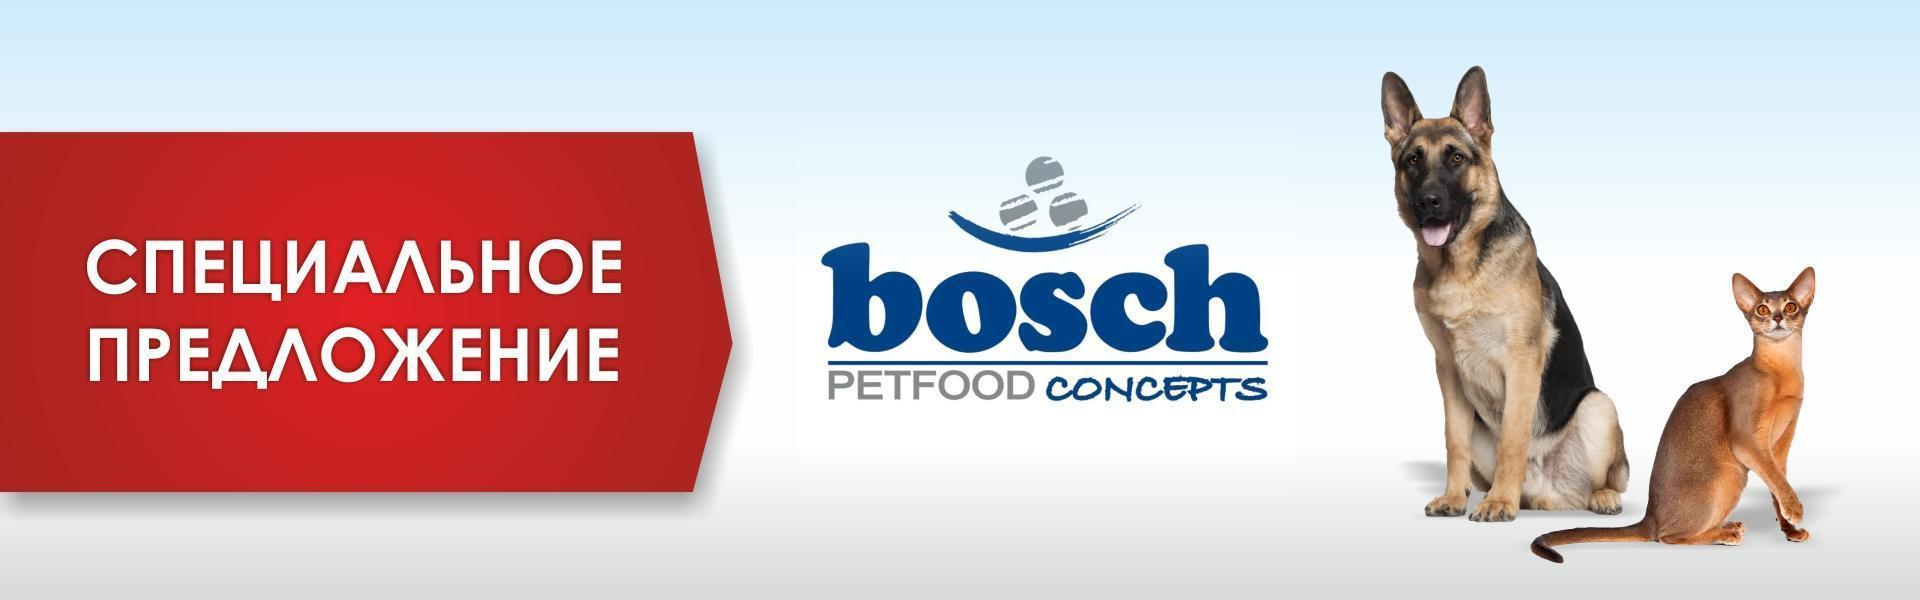 Bosch - специальное предложение!